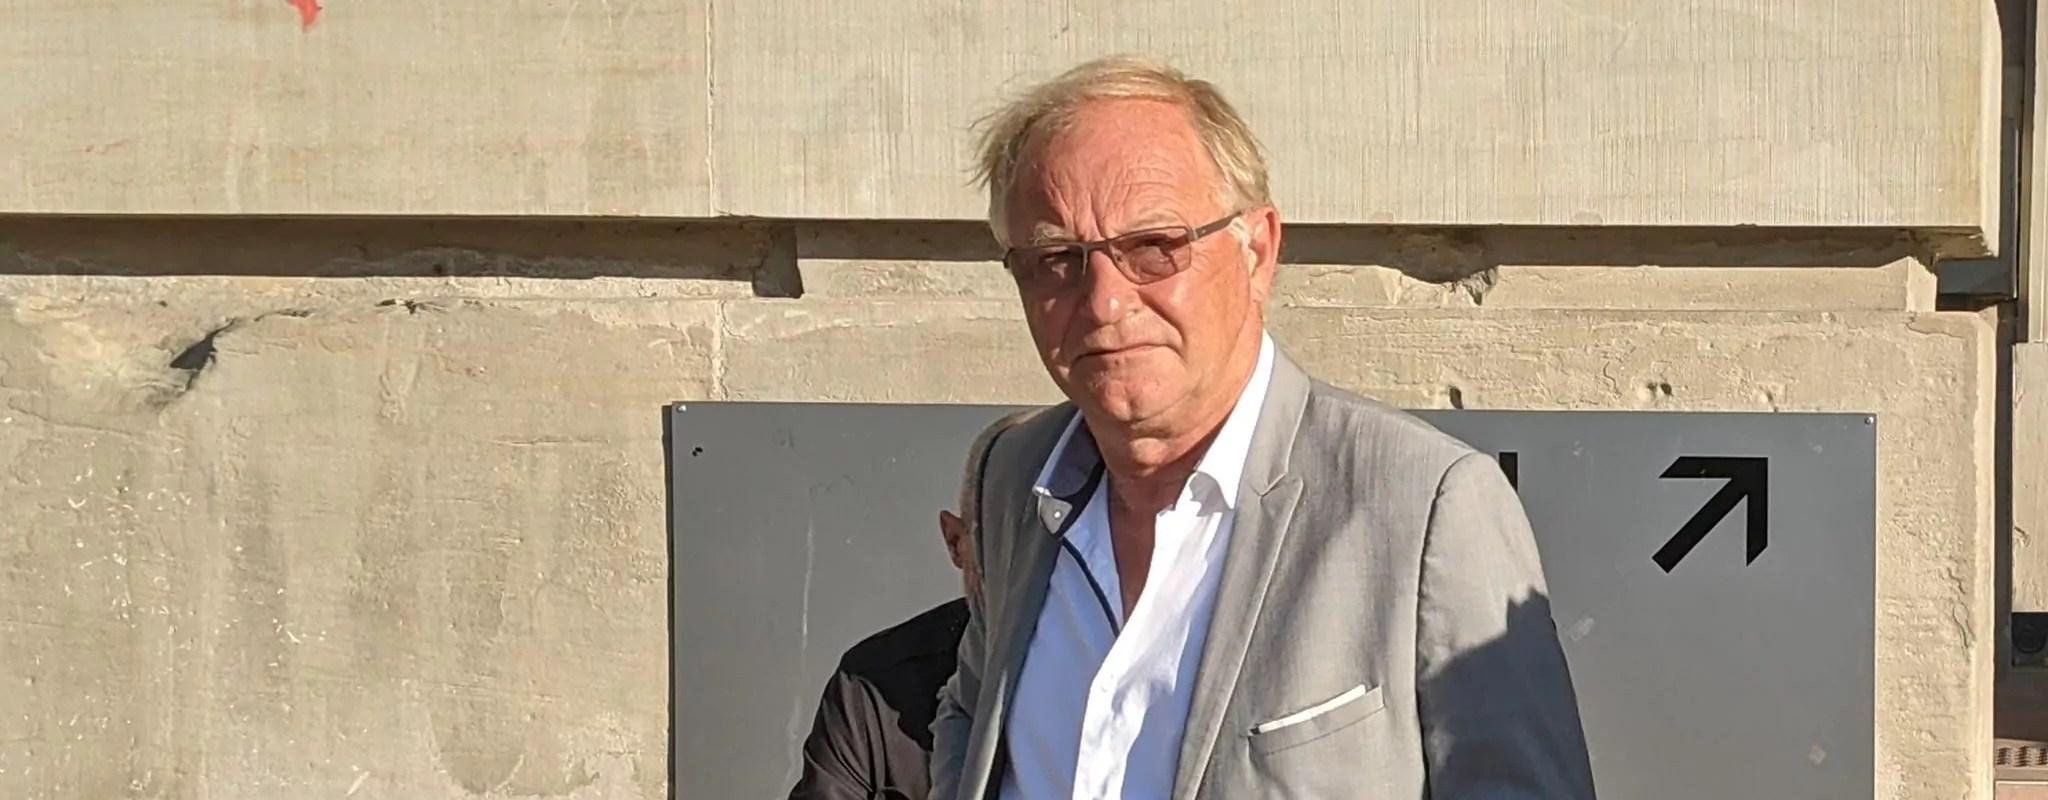 Le conseiller départemental socialiste Serge Oehler poursuivi pour violences conjugales